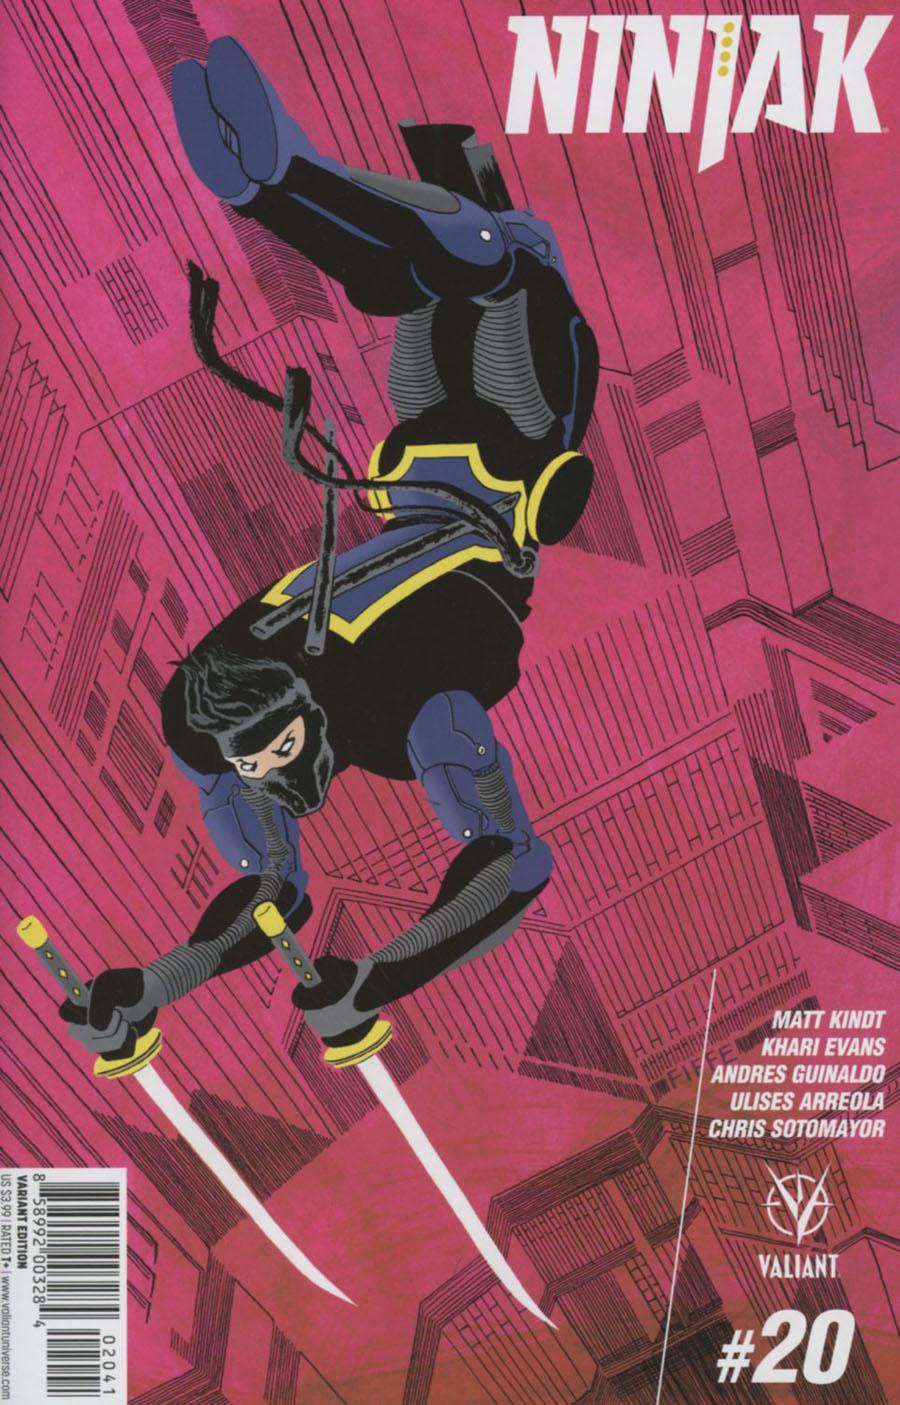 Ninjak Vol 3 #20 Cover D Incentive Michel Fiffe Variant Cover